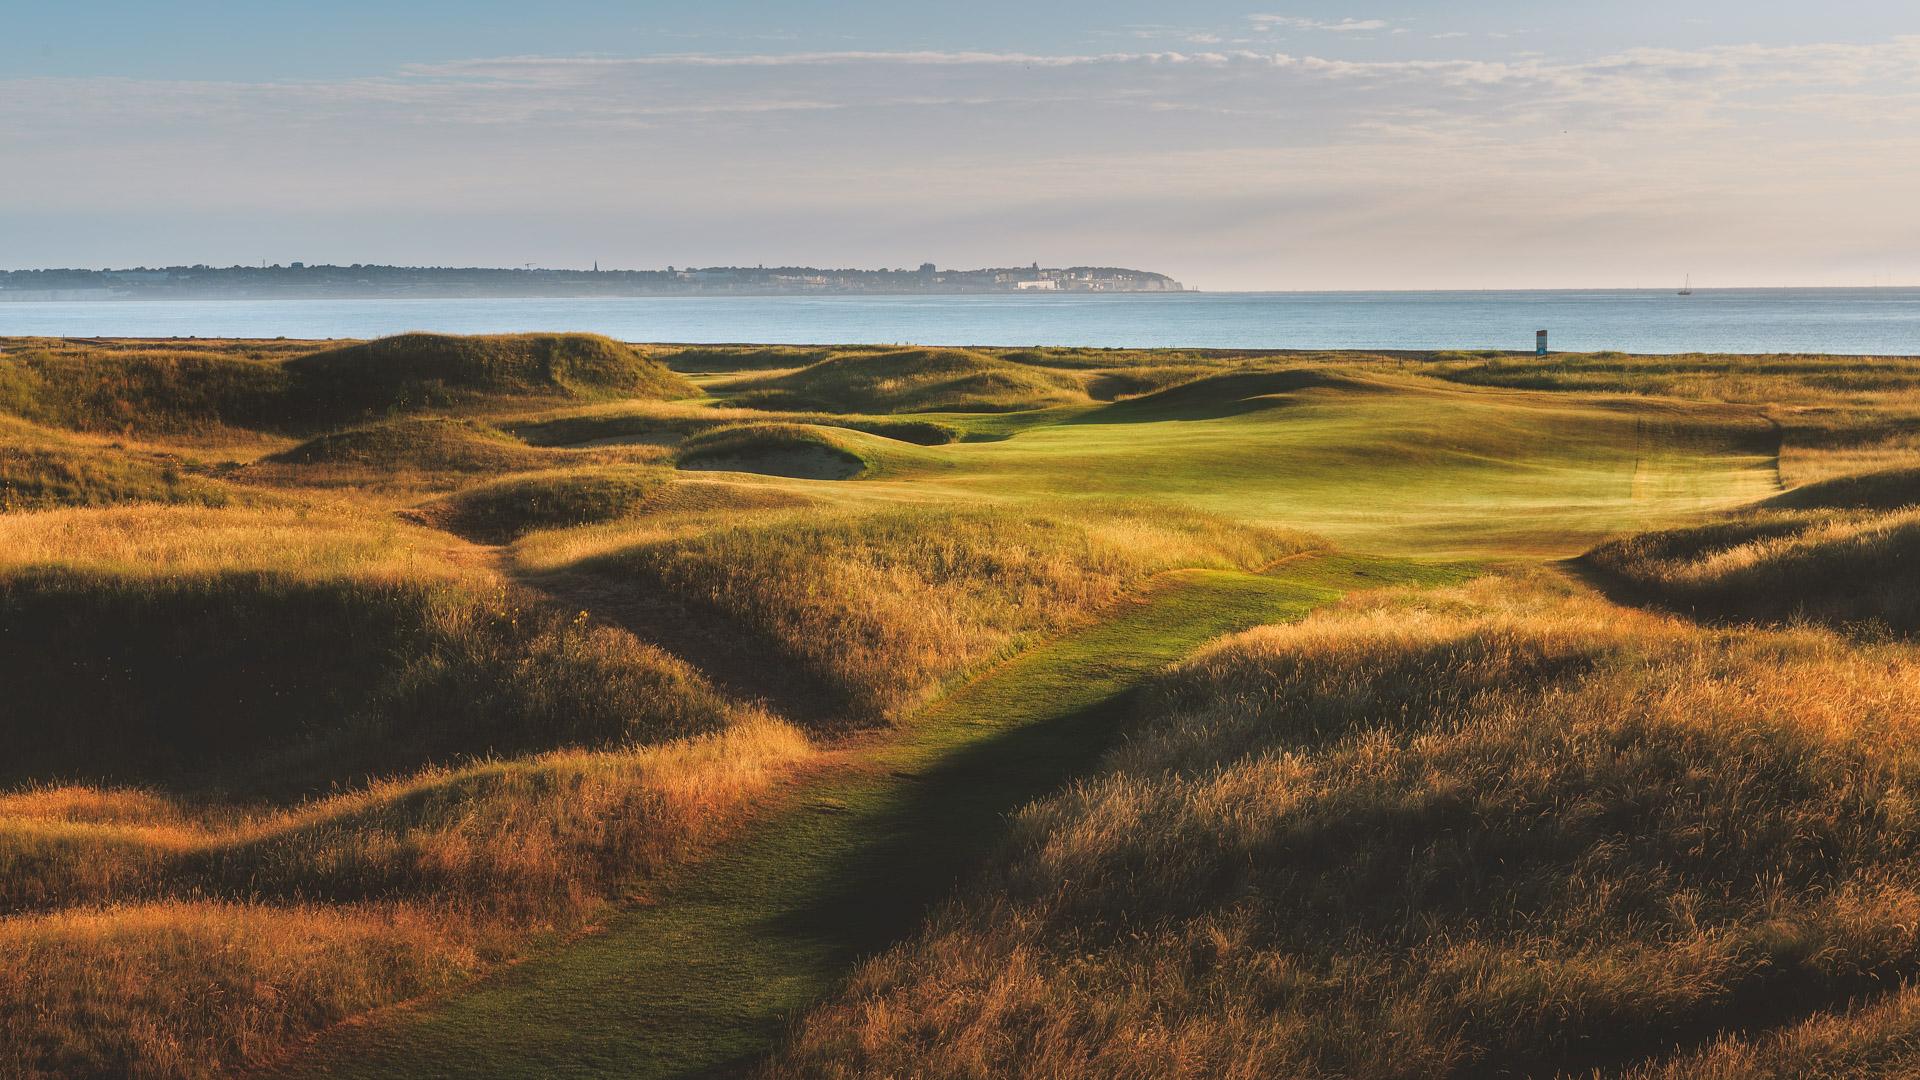 05th-Hole-Royal-St-Georges-Golf-Club0096-Edit-2-2